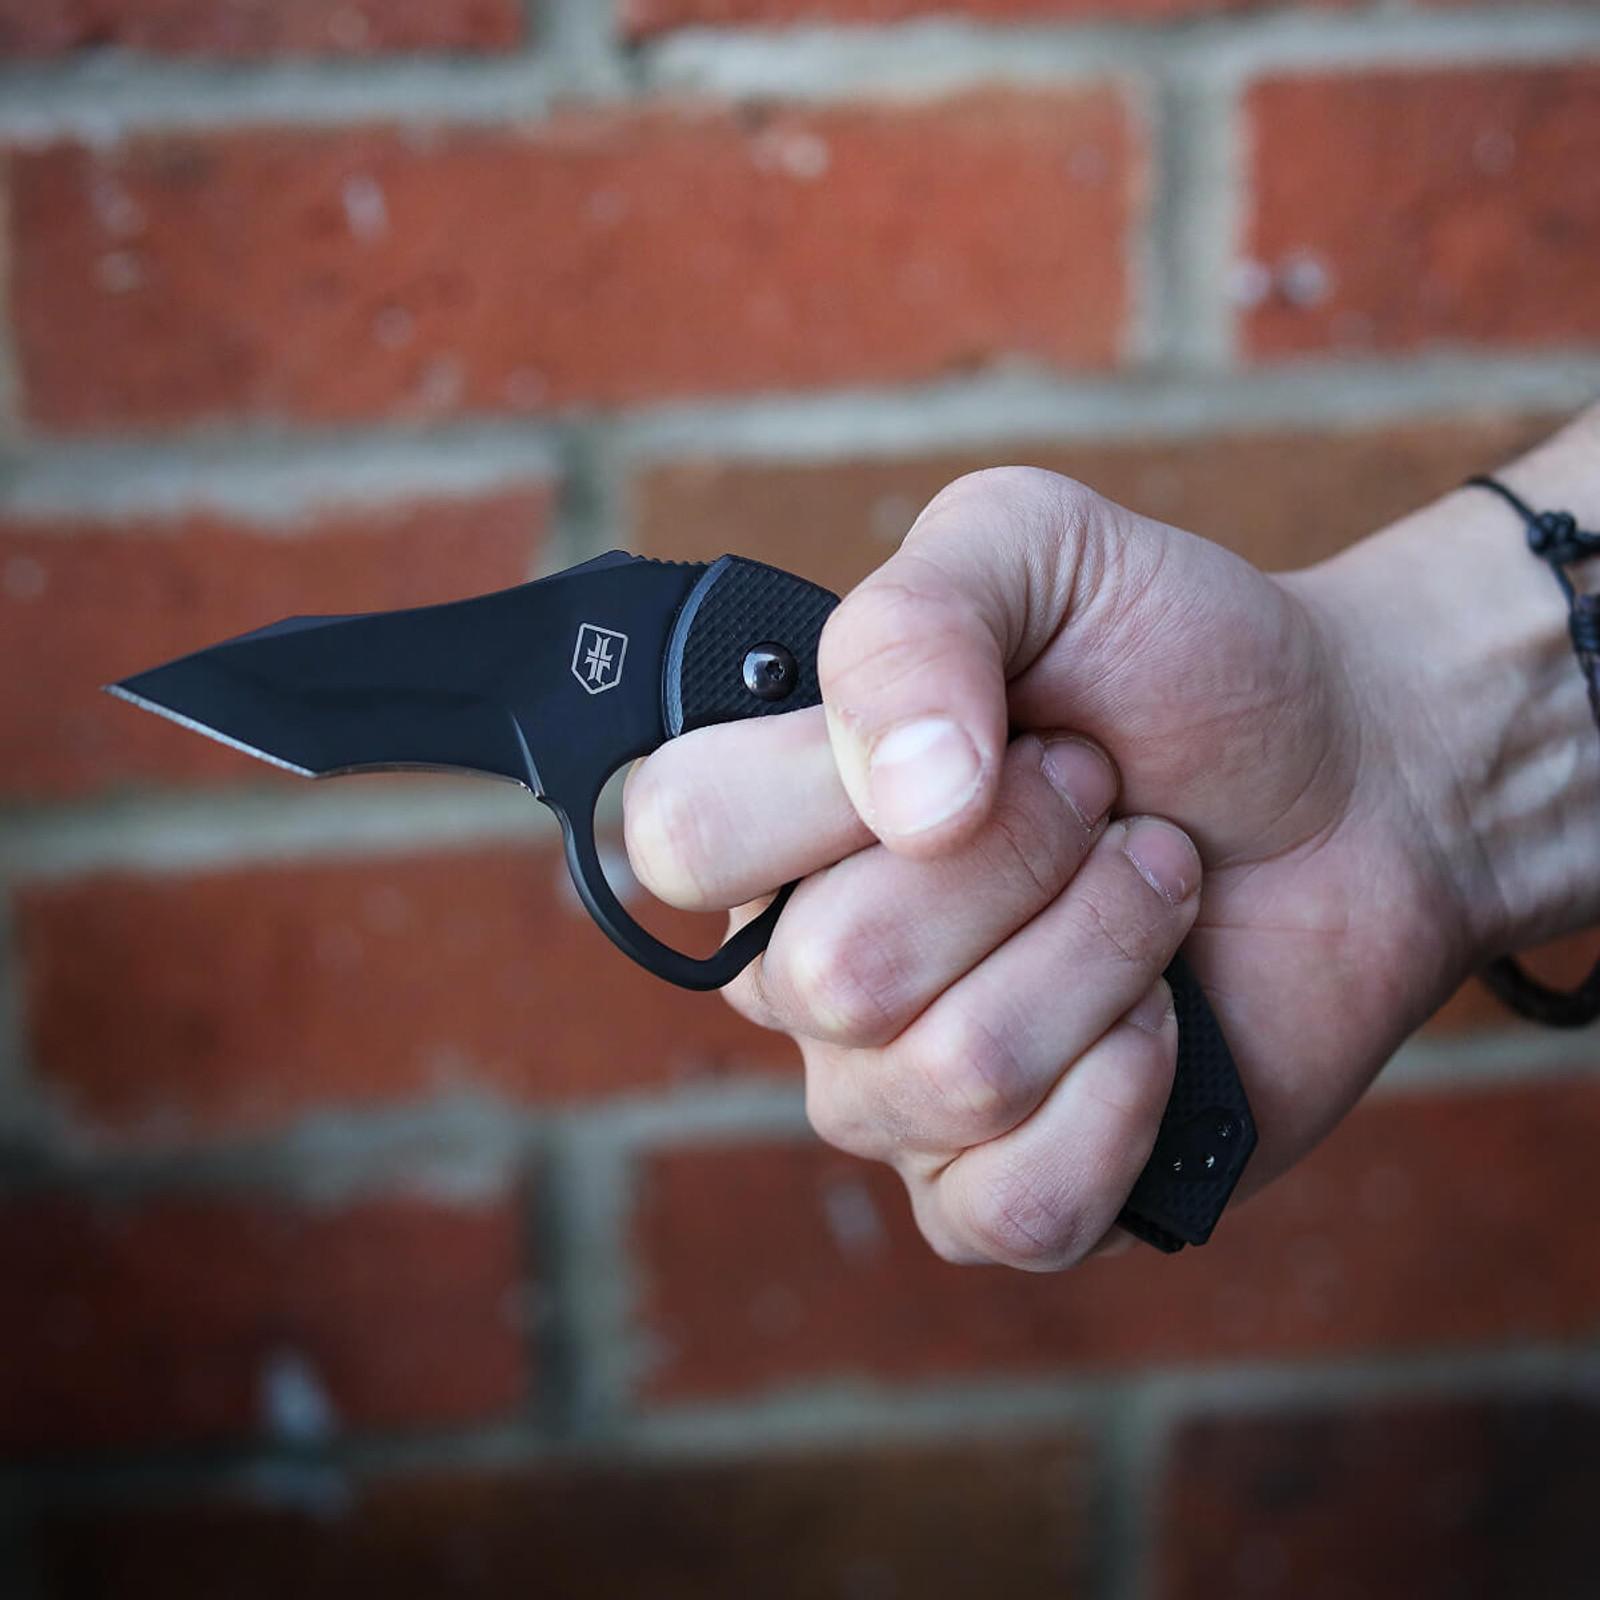 WPS Fox Folder Knife - Black